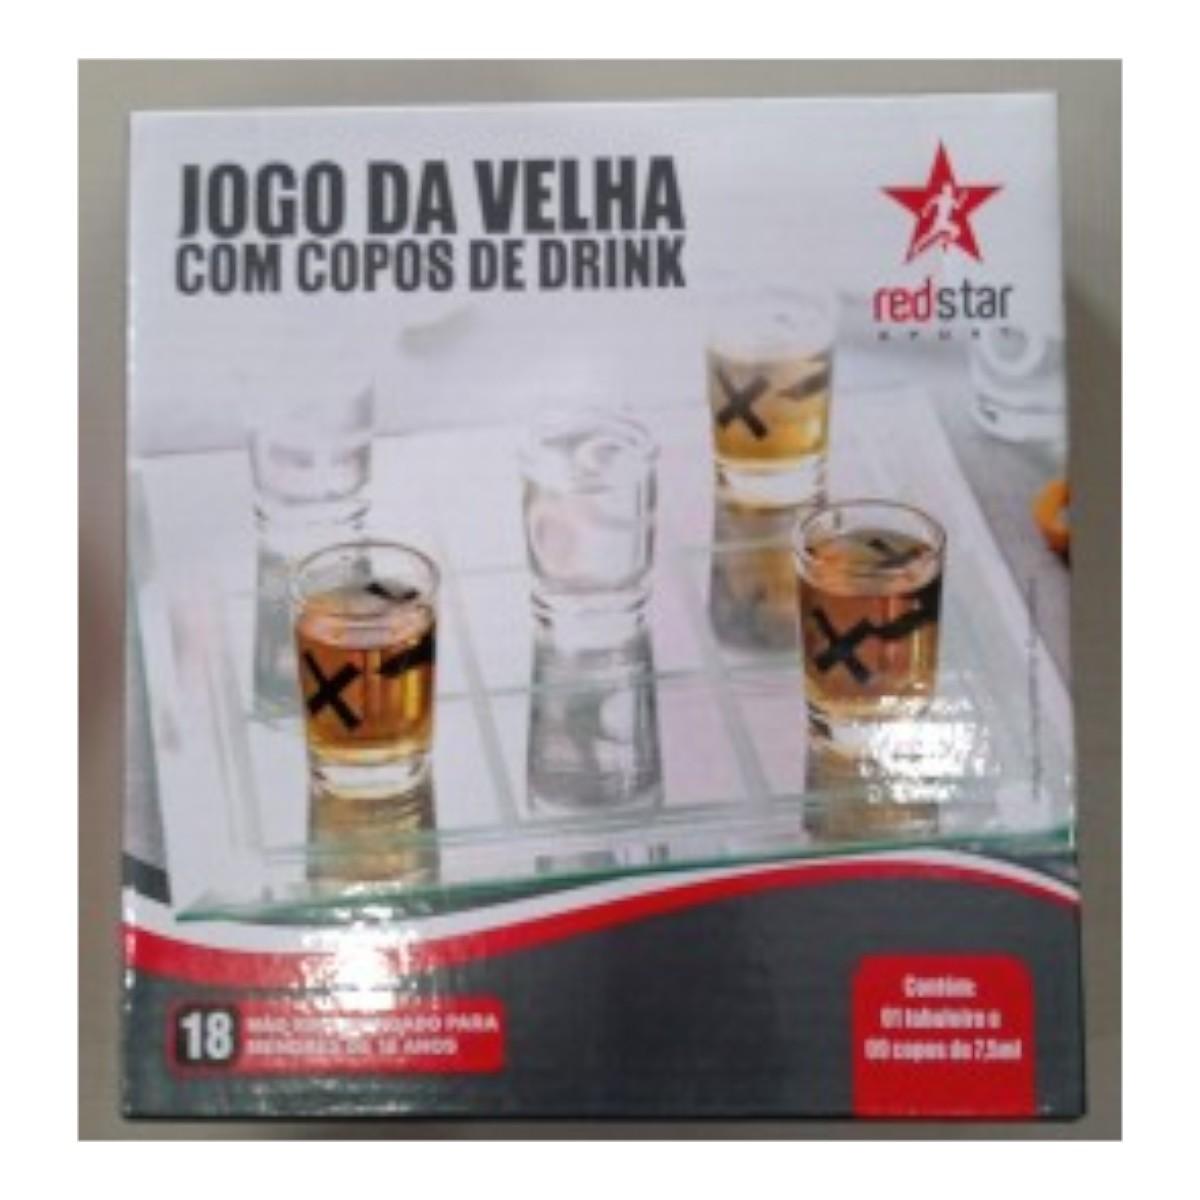 JOGO DA VELHA COM COPOS DE DRINK